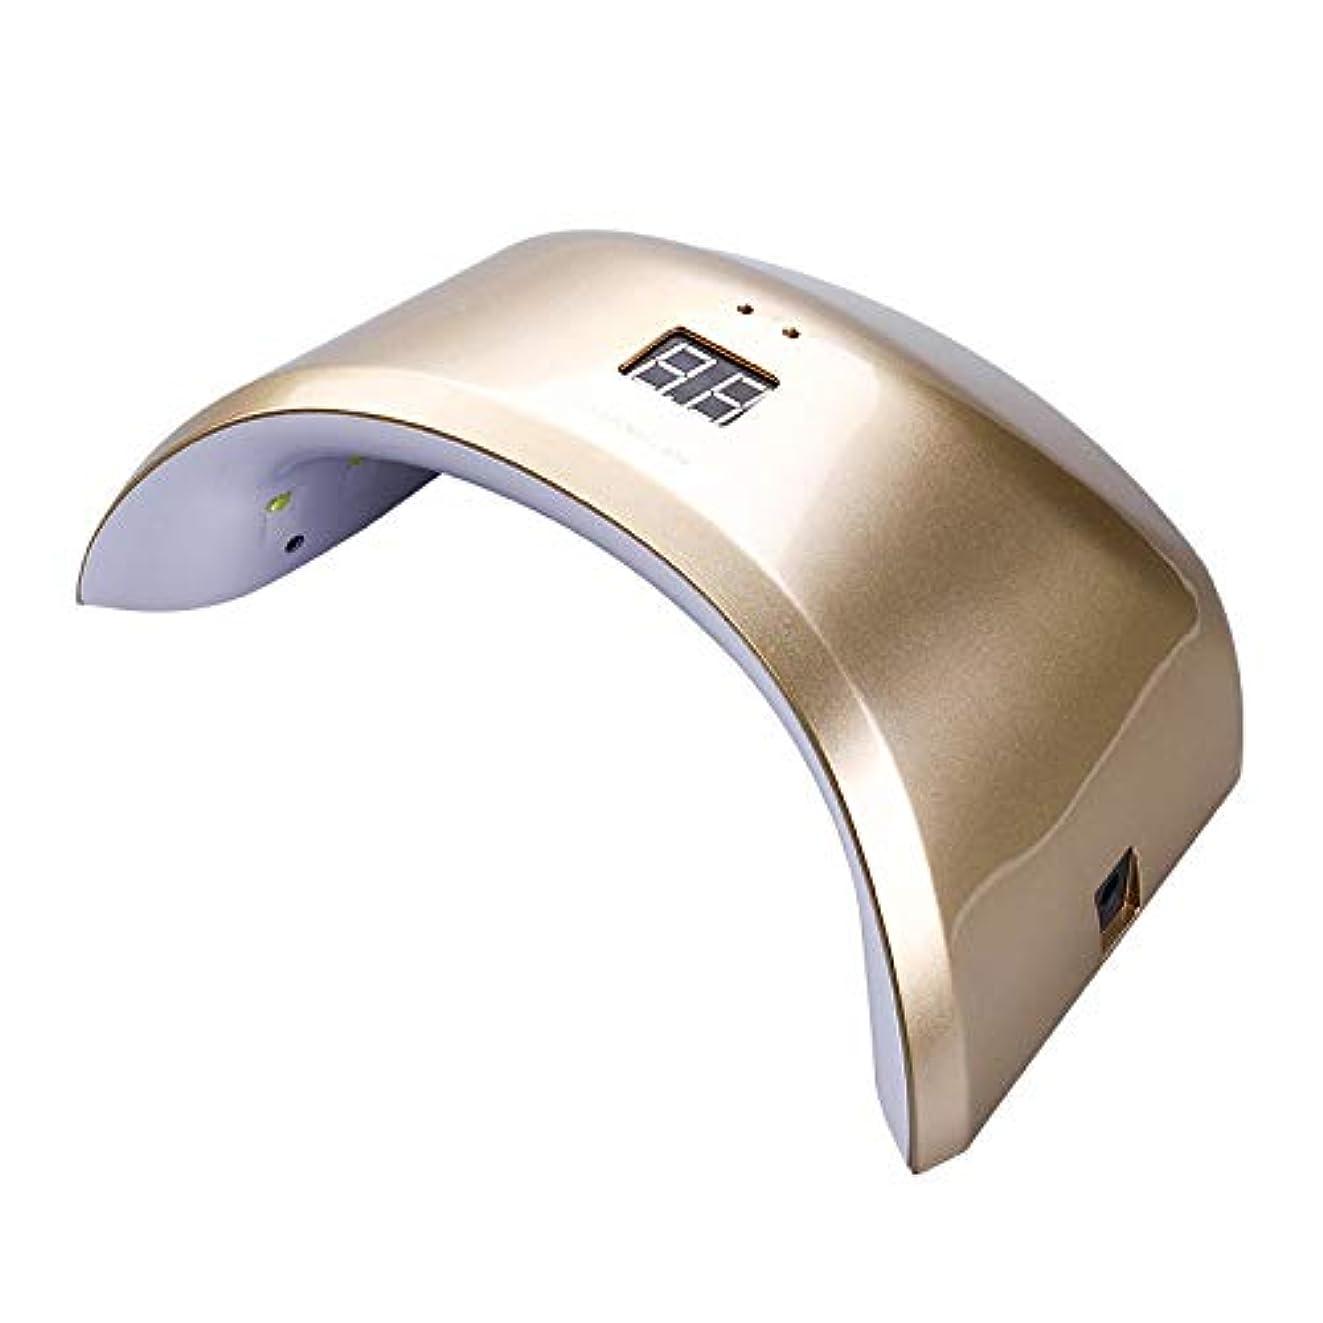 勇敢なプーノ上げるタイマーが付いている24W紫外線LEDライトランプのゲルの釘のドライヤー、ゲルの釘およびつま先の釘の治療法のためのセンサー